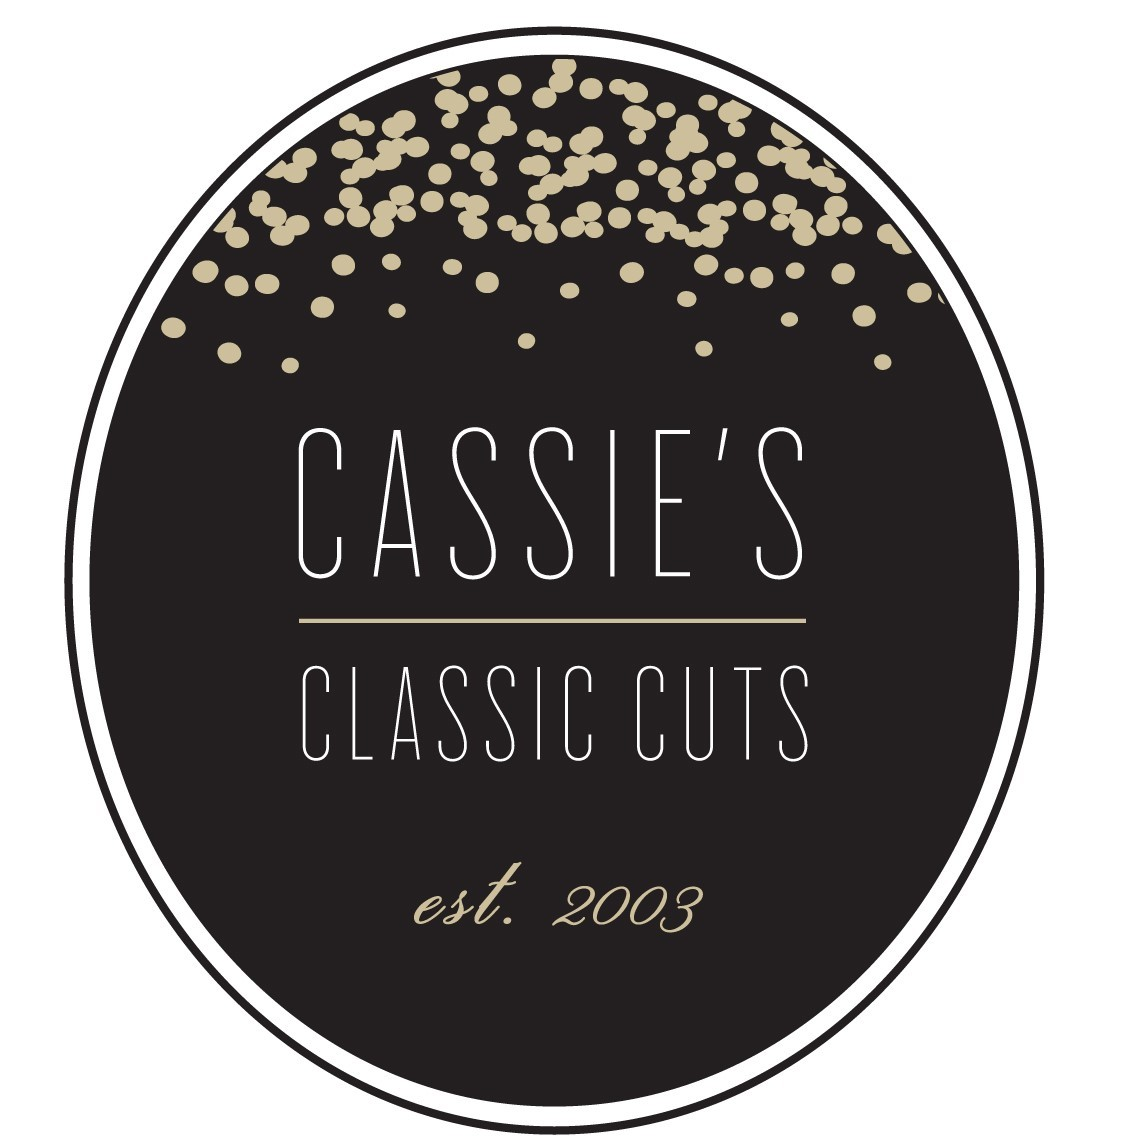 Cassie's Classic Cuts